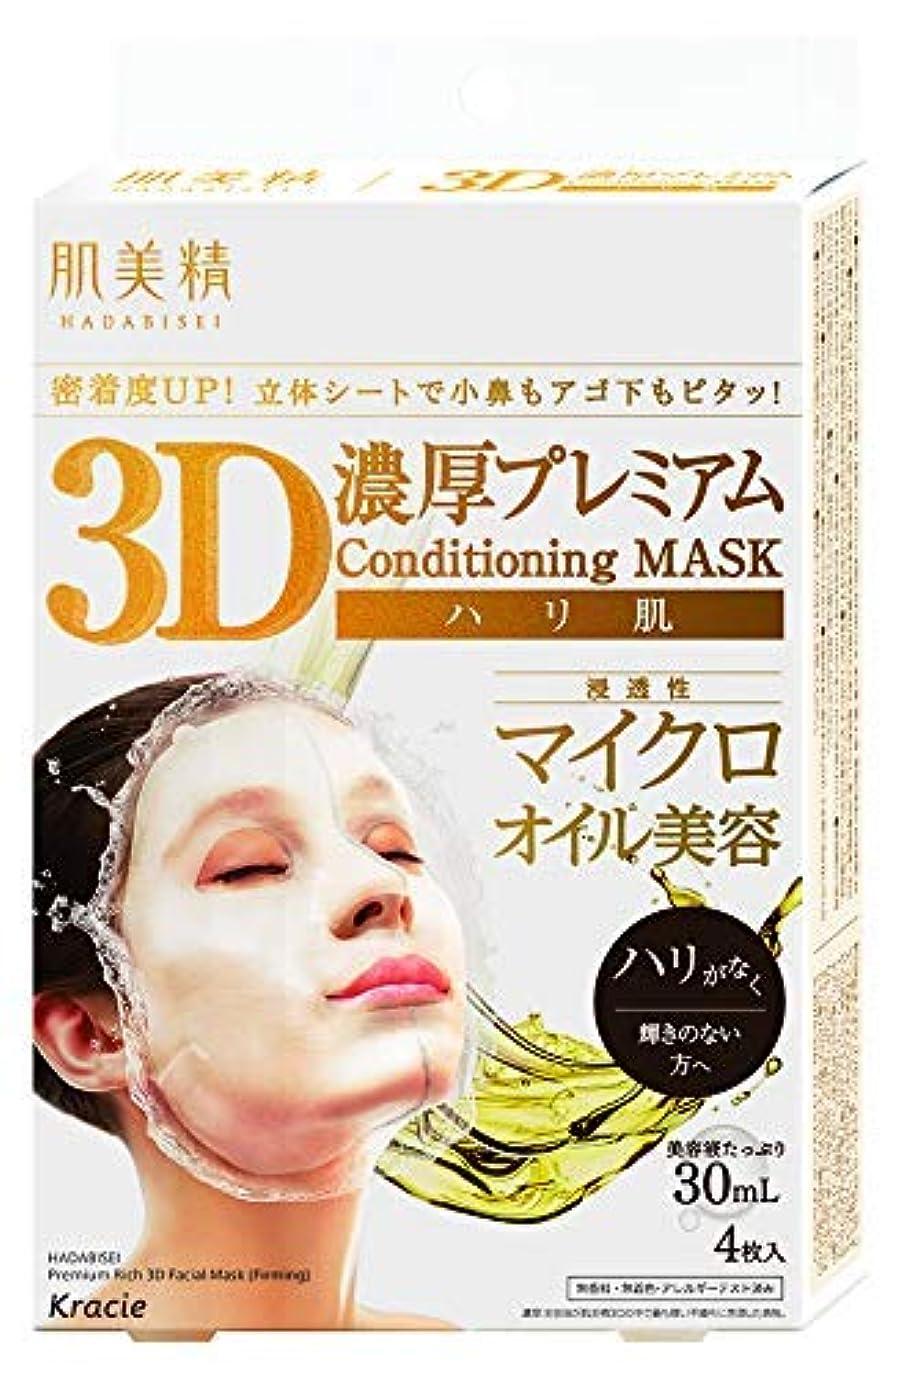 仲間、同僚顧問噛む肌美精 3D濃厚プレミアムマスク(ハリ肌) × 4個セット